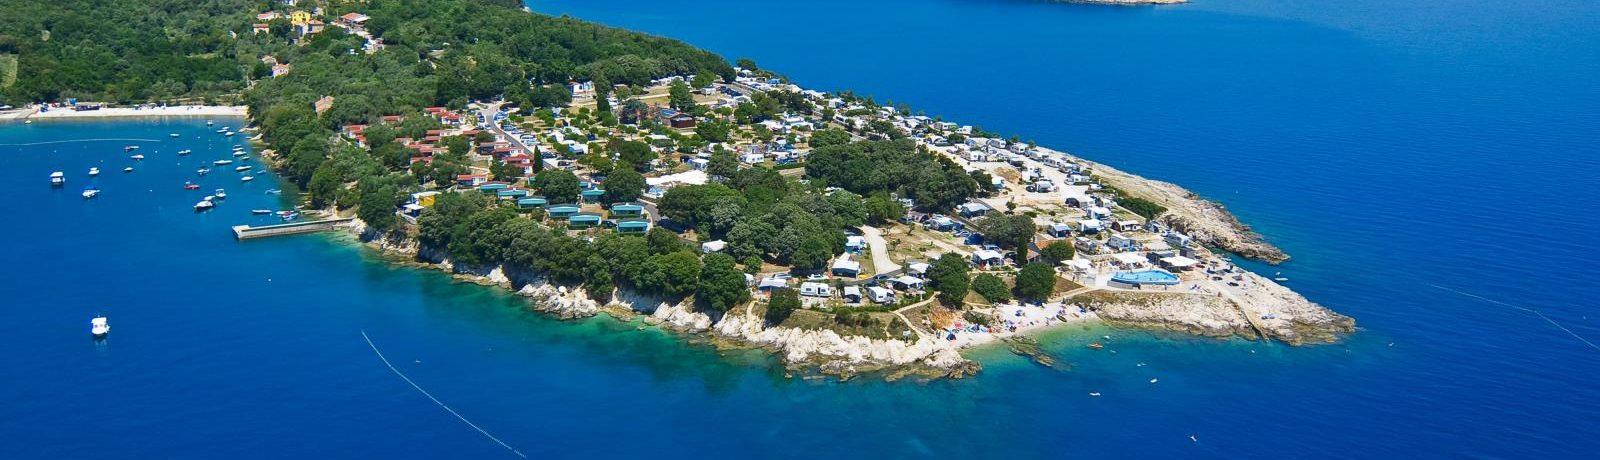 Camping Marina gelegen in het vredige dorpje St. Marina op een klein schiereiland, biedt rust en stilte aan de oostkust van Istrië.